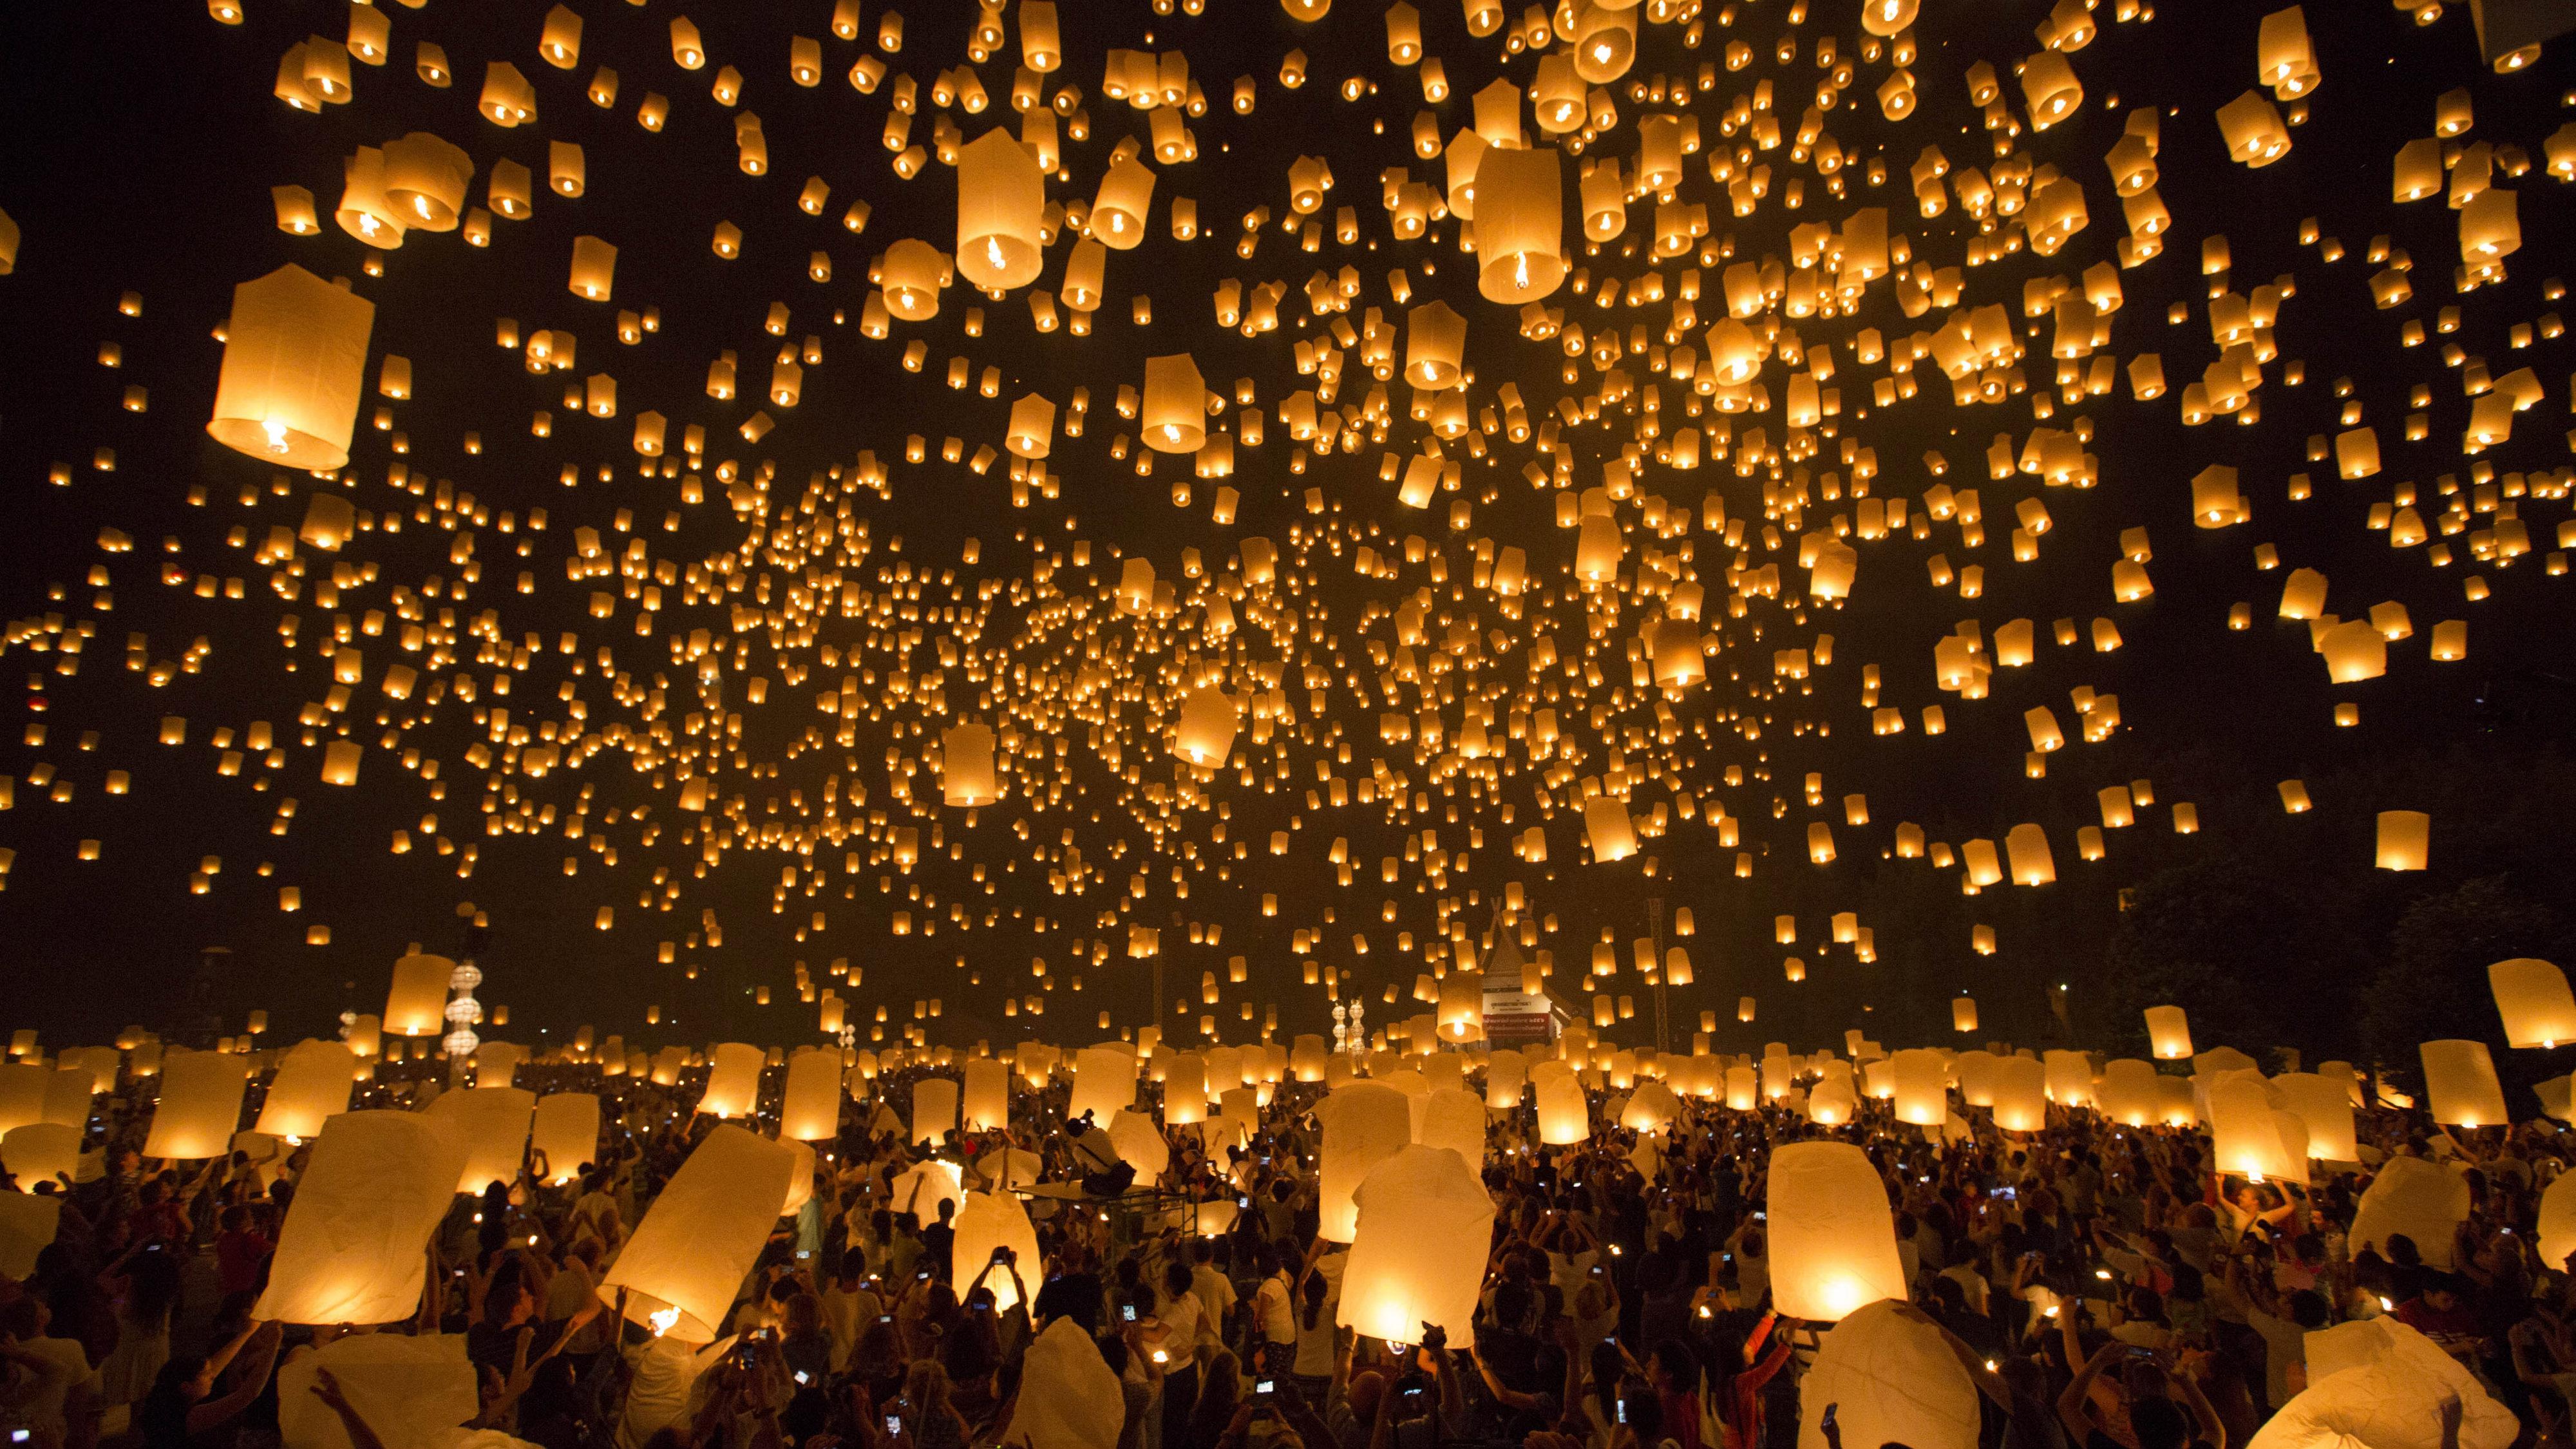 thailand-fire-lanterns